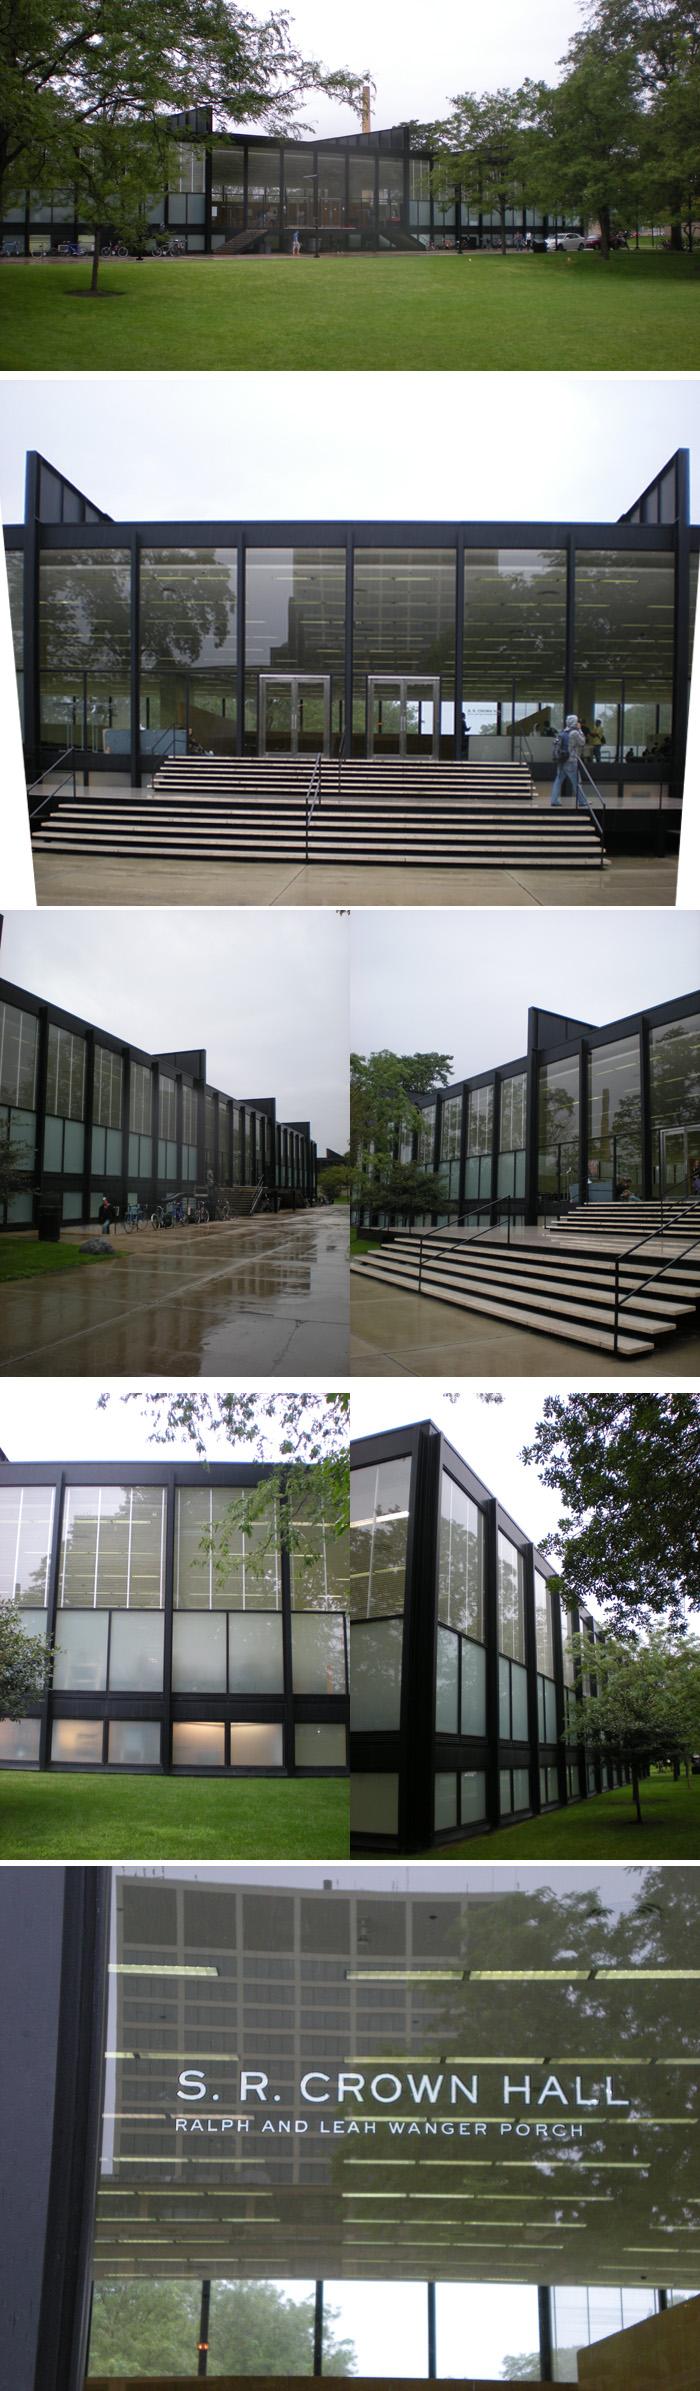 한국 학생들이 정말 많은 일리노이 공과대학 건축학부 건물 크라운홀